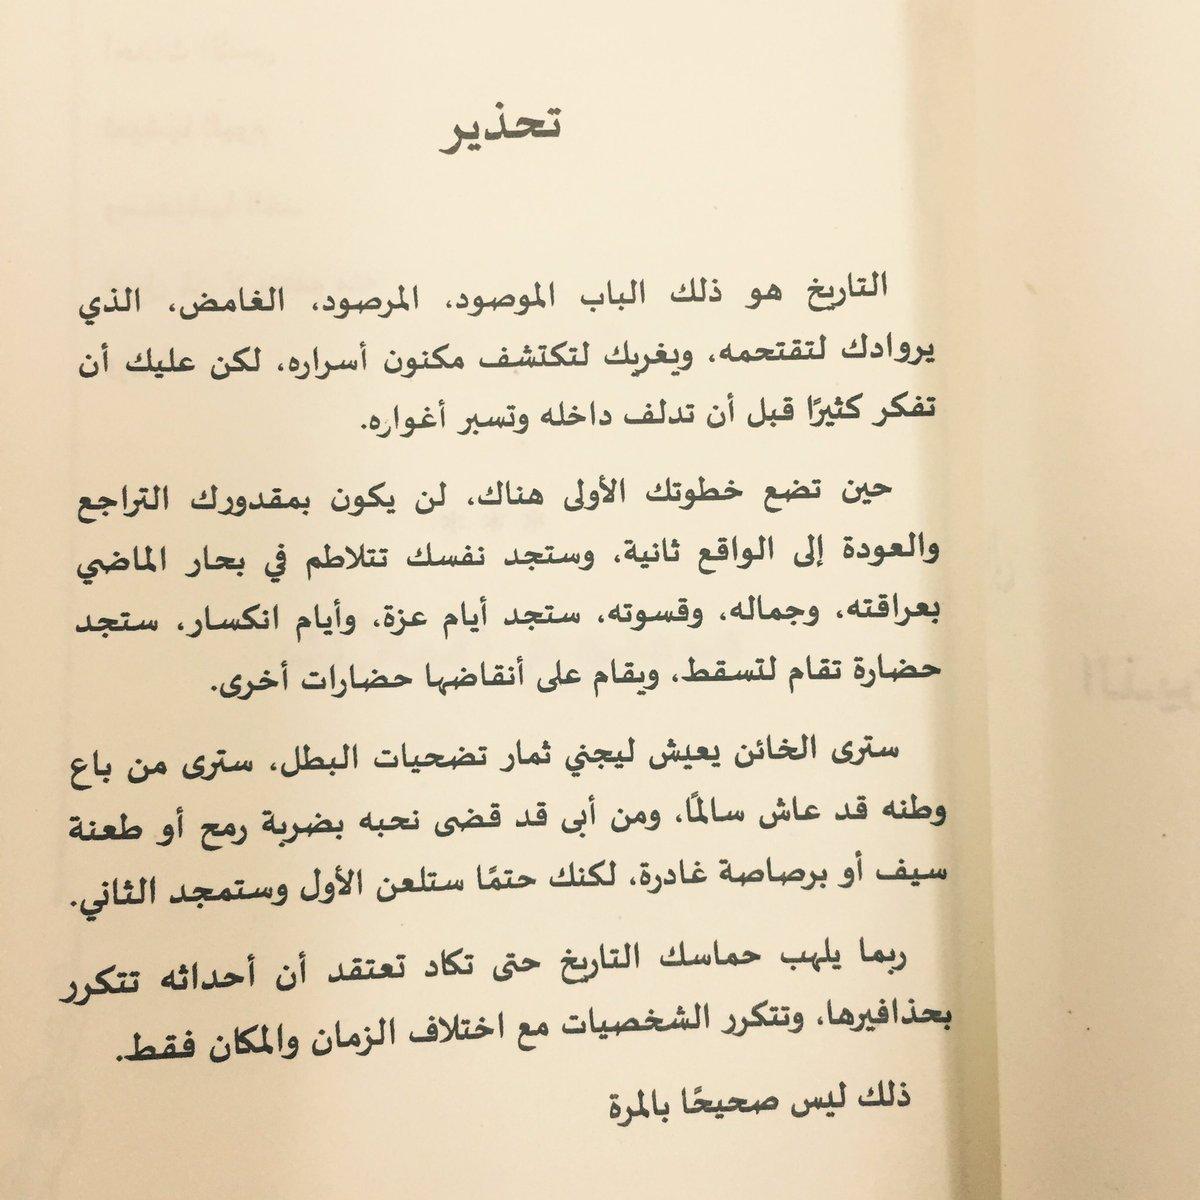 تحميل كتاب صفحة واحدة في المرة pdf مكتبة نور